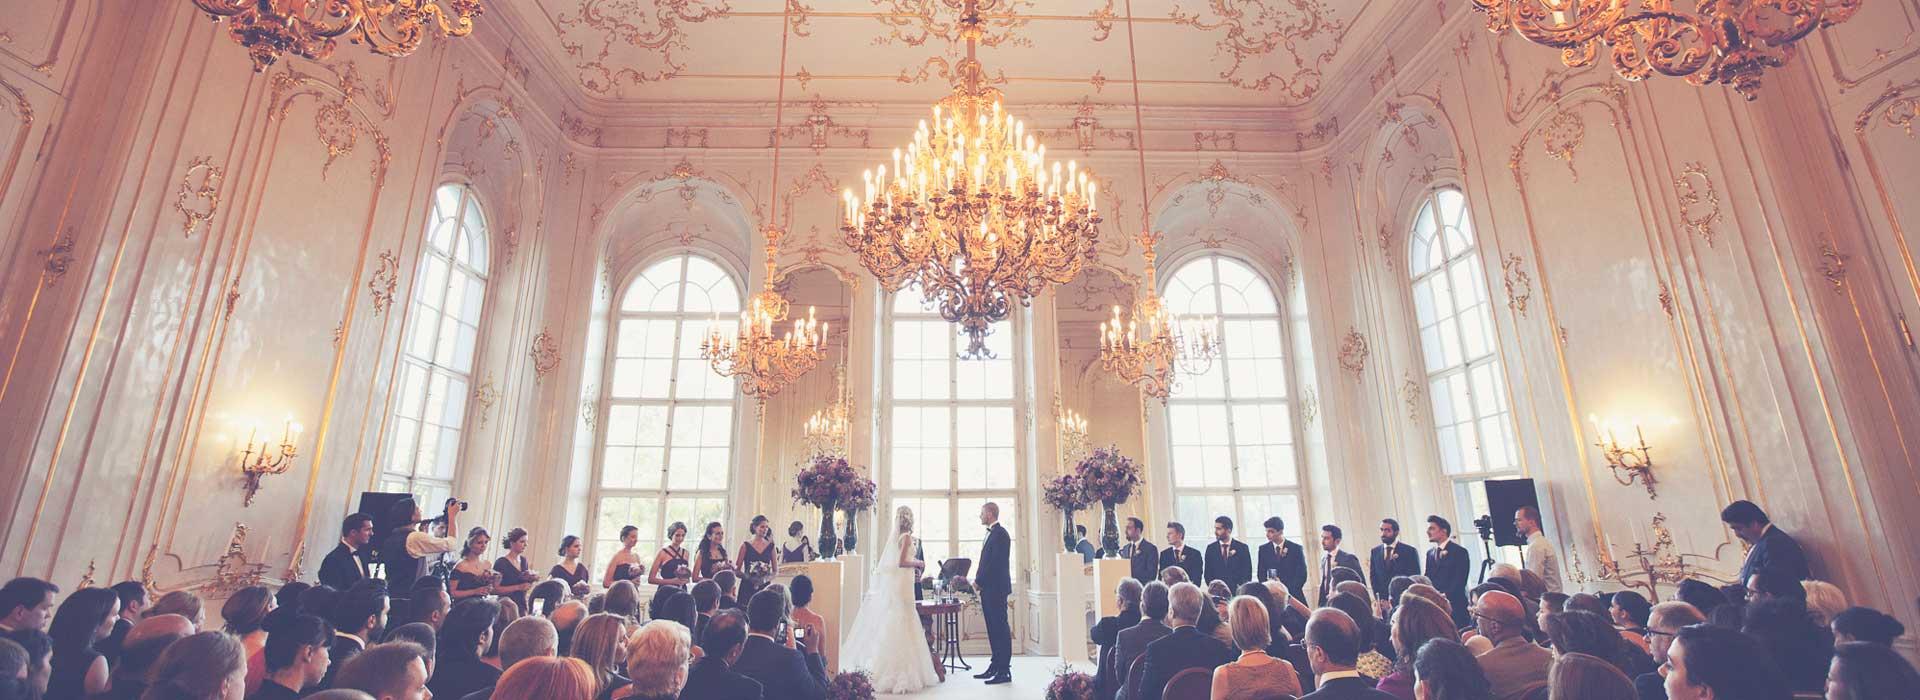 Elegáns és nagyszabású esküvői fotózás